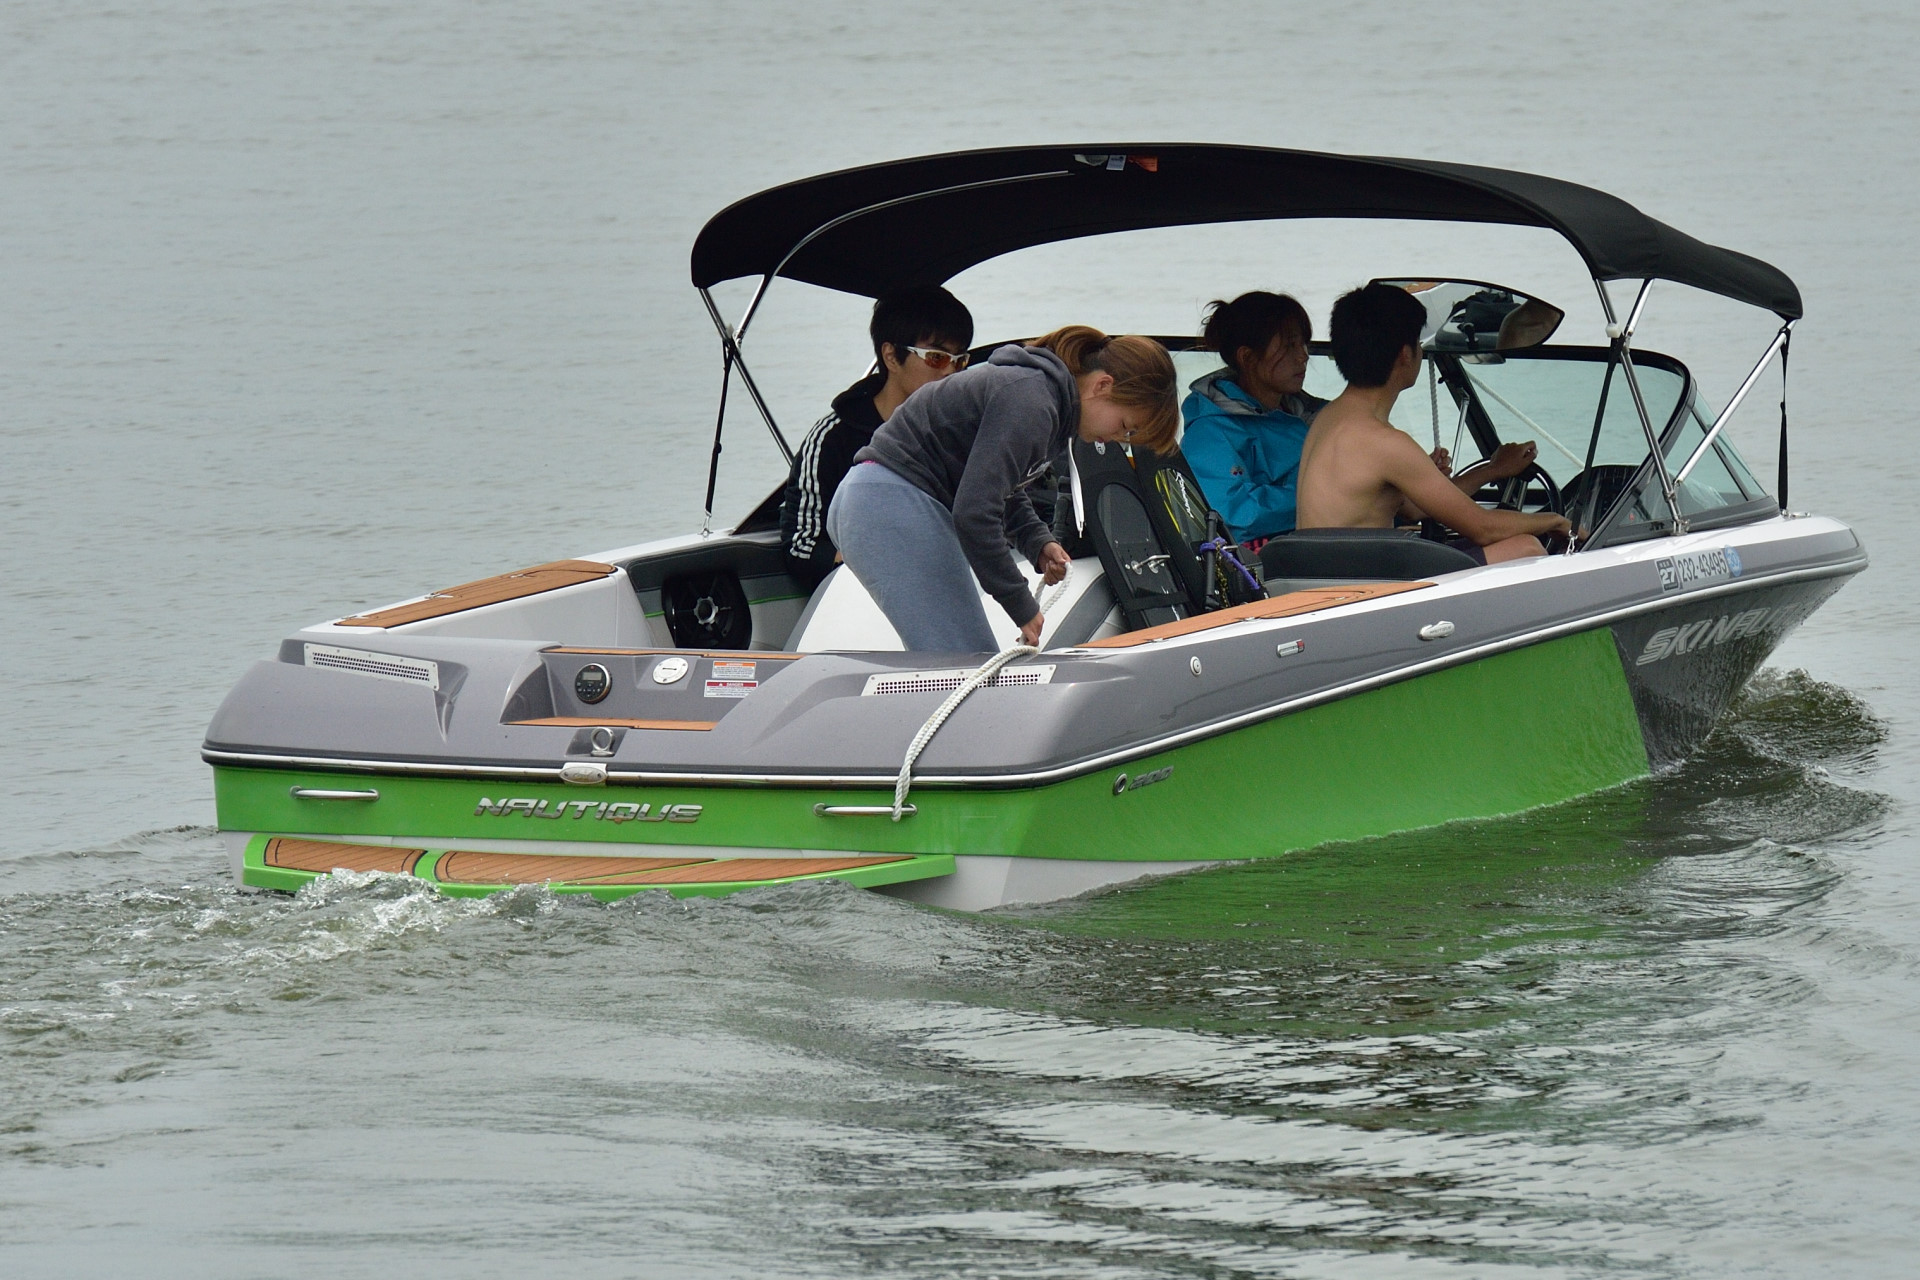 新しい水上スキー用ボート、新緑のような緑色が素敵だ!